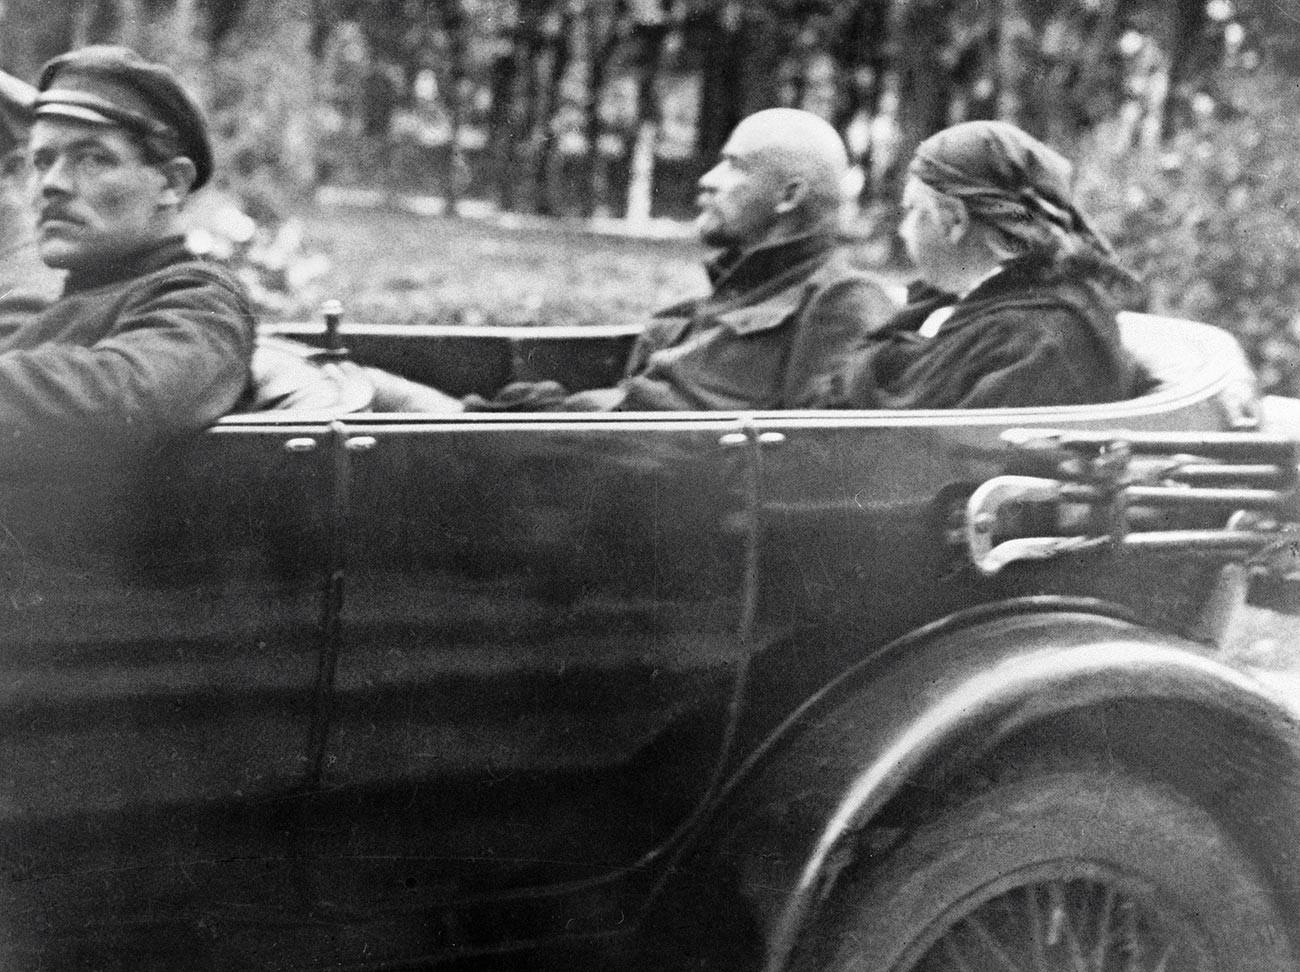 Владимир Иљич Лењин и Надежда Константиновна Крупска у шетњи за време Лењиновог опоравка после болести, околина Лењинове резиденције Горки.